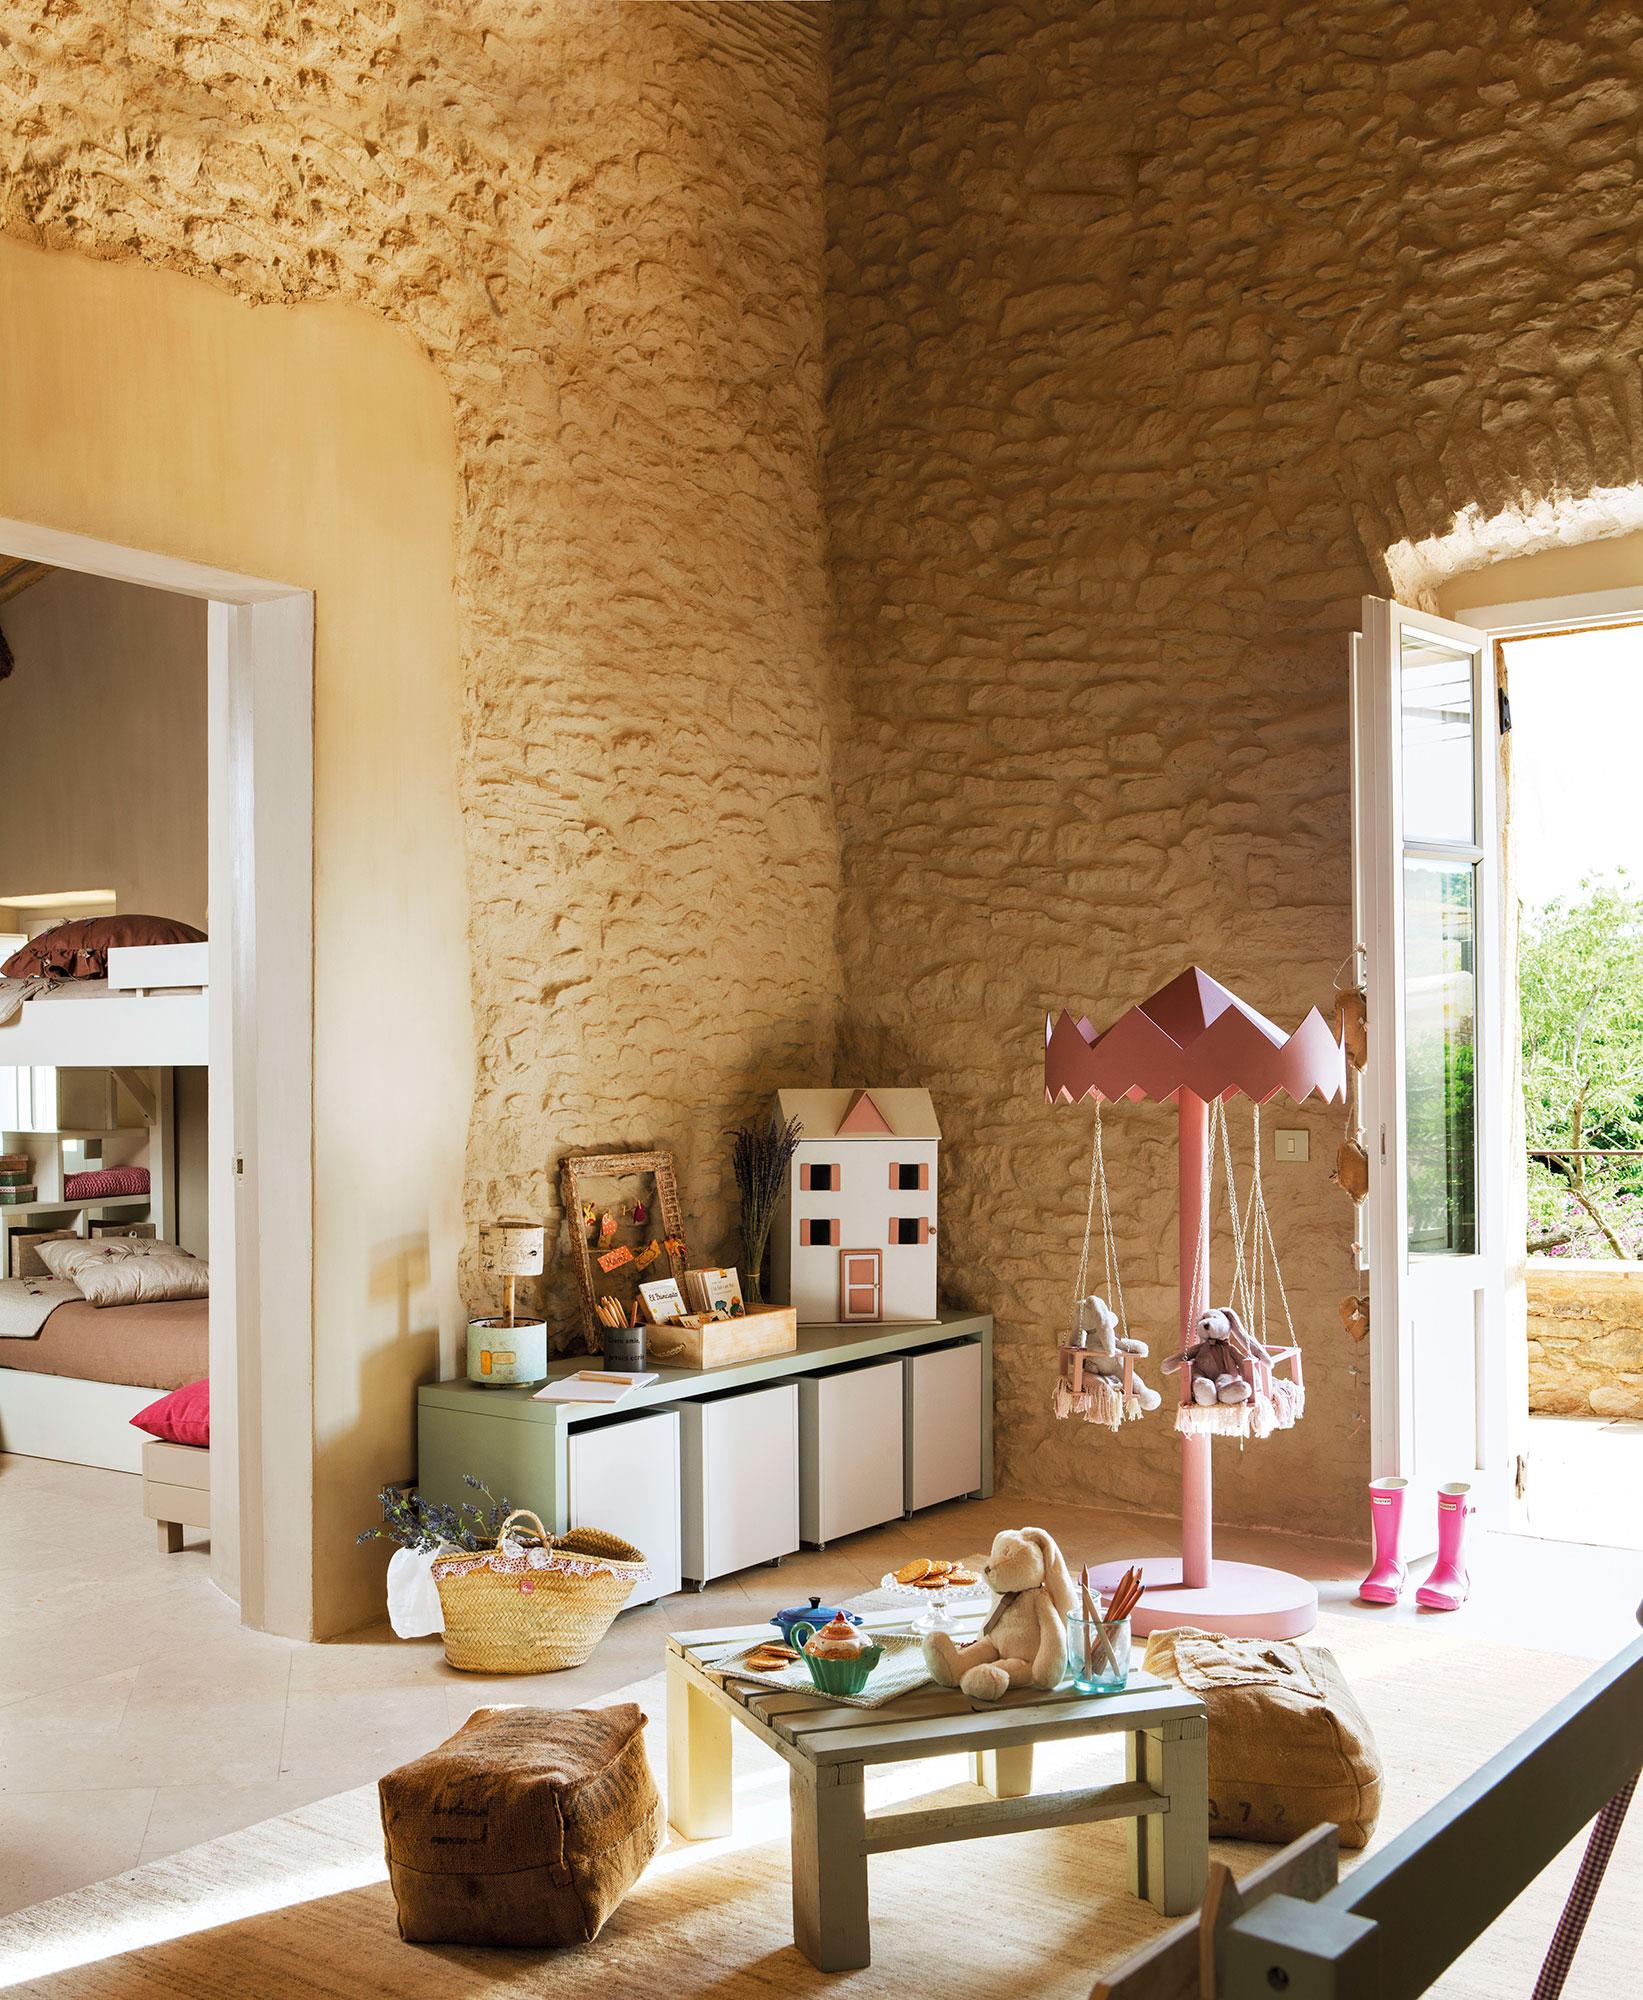 dormitorio infantil en casa rstica con paredes de piedra con mueble bajo con books para juguetes